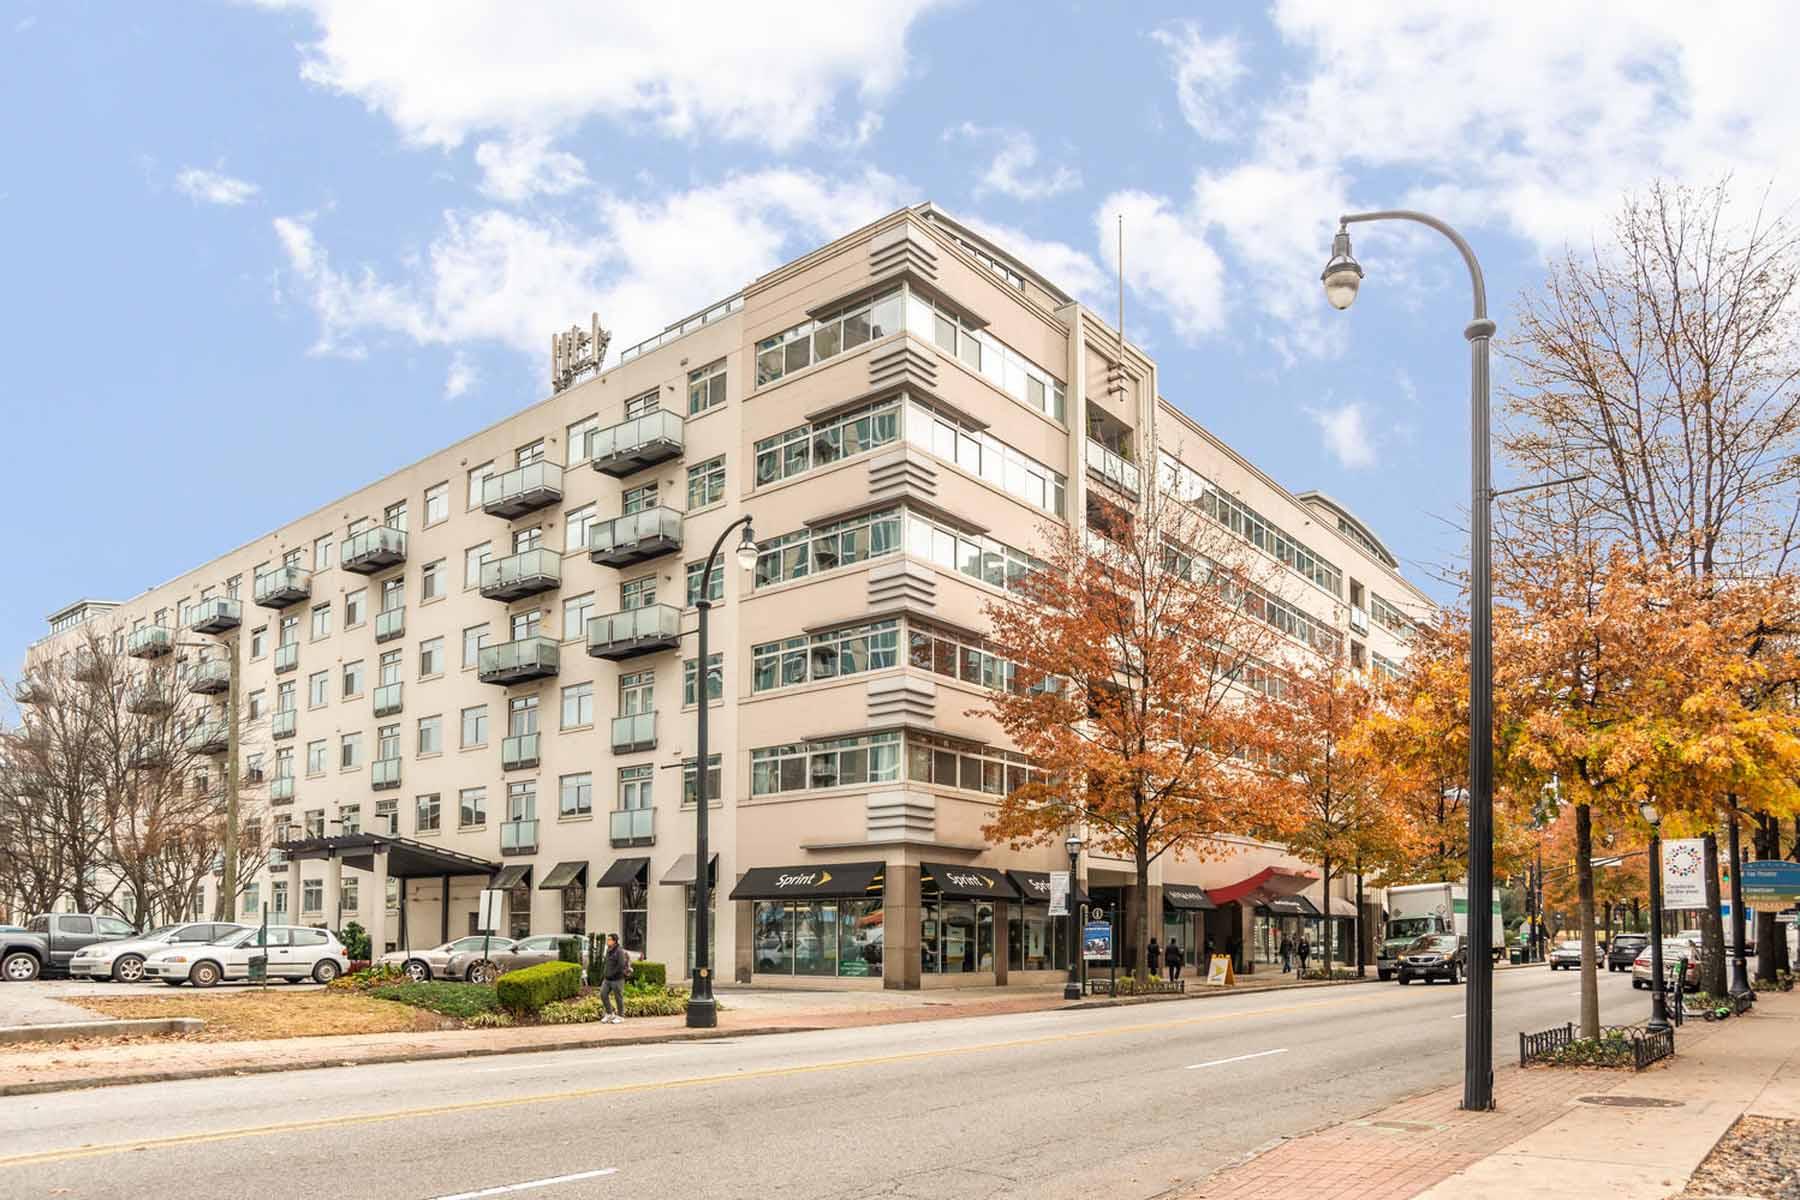 콘도미니엄 용 매매 에 End Unit Loft Style Condo in Heart of Midtown with Unobstructed Views 805 Peachtree St 518 Atlanta, 조지아 30309 미국